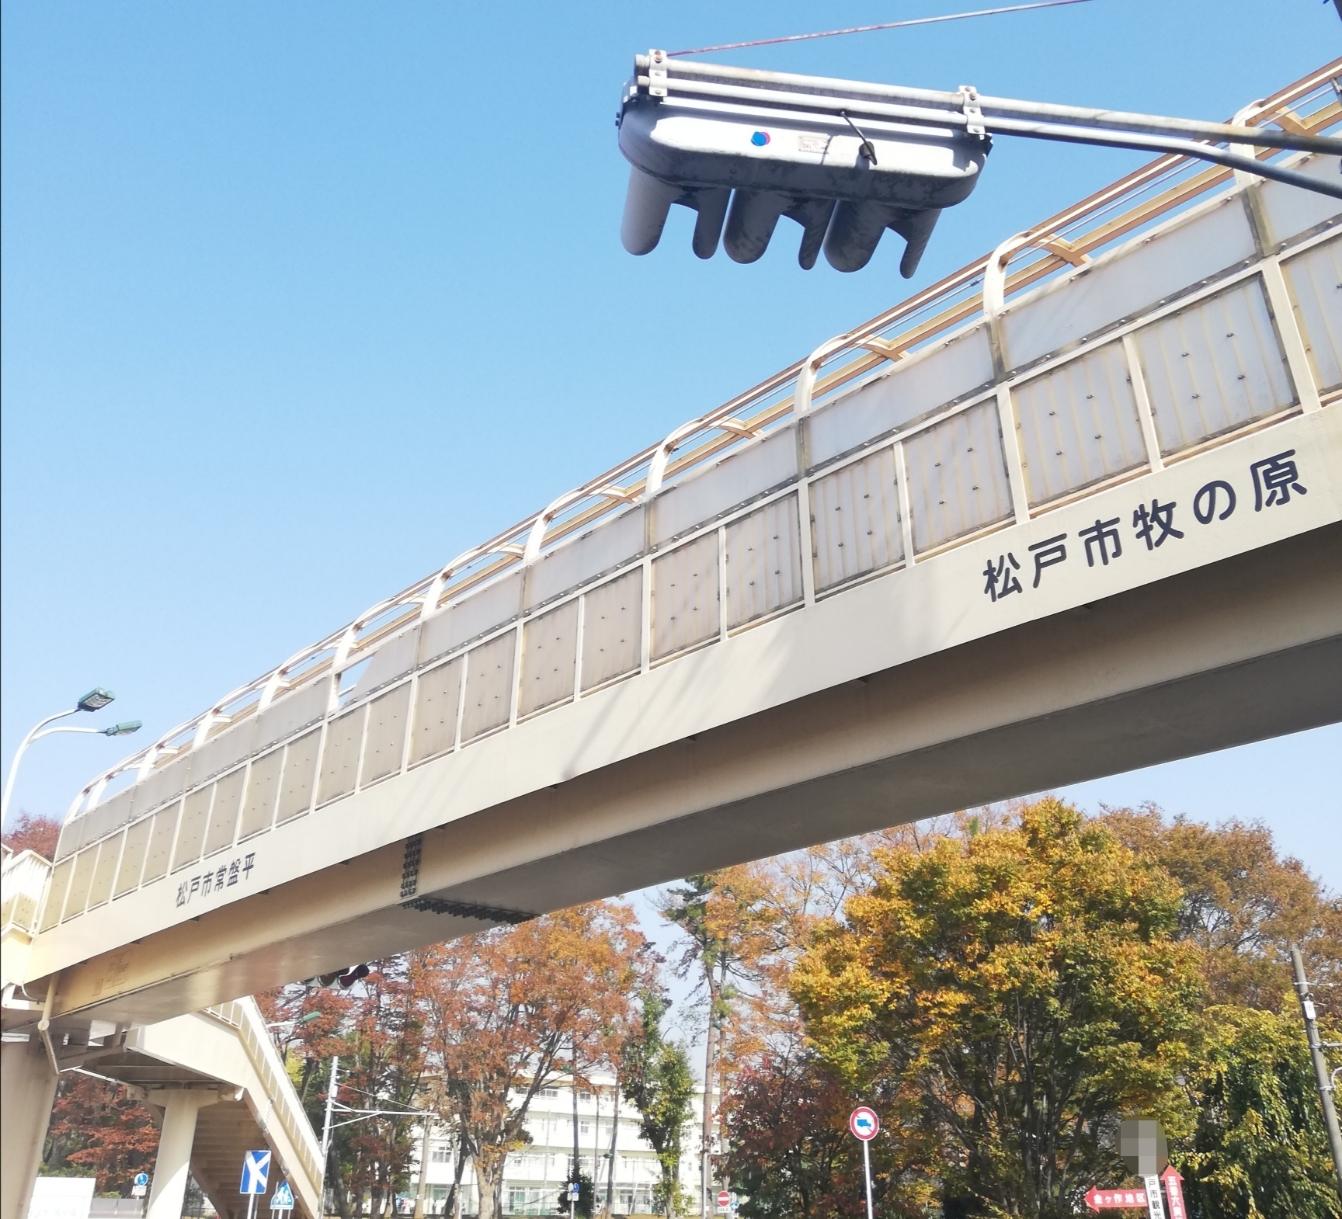 子和清水歩道橋補修工事常盤平牧の原